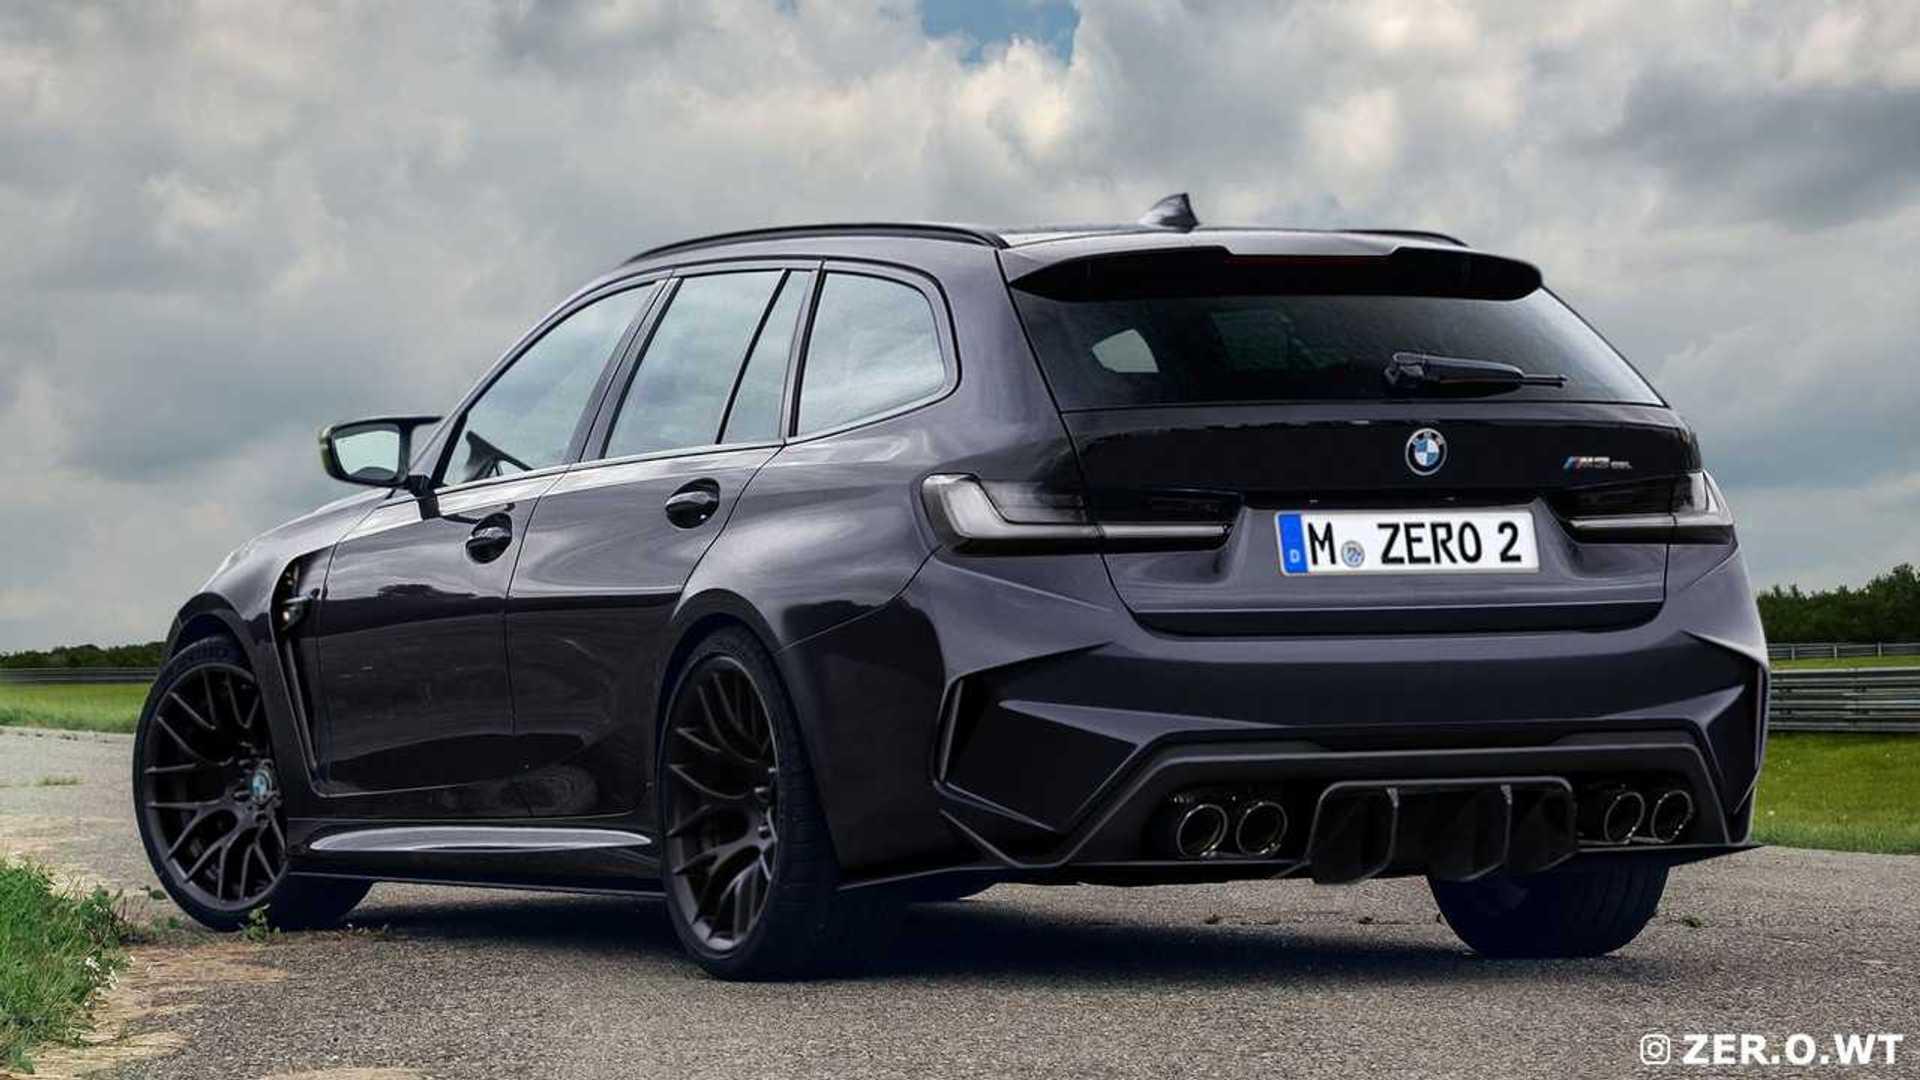 La BMW M3 Touring aurait obtenu le feu vert